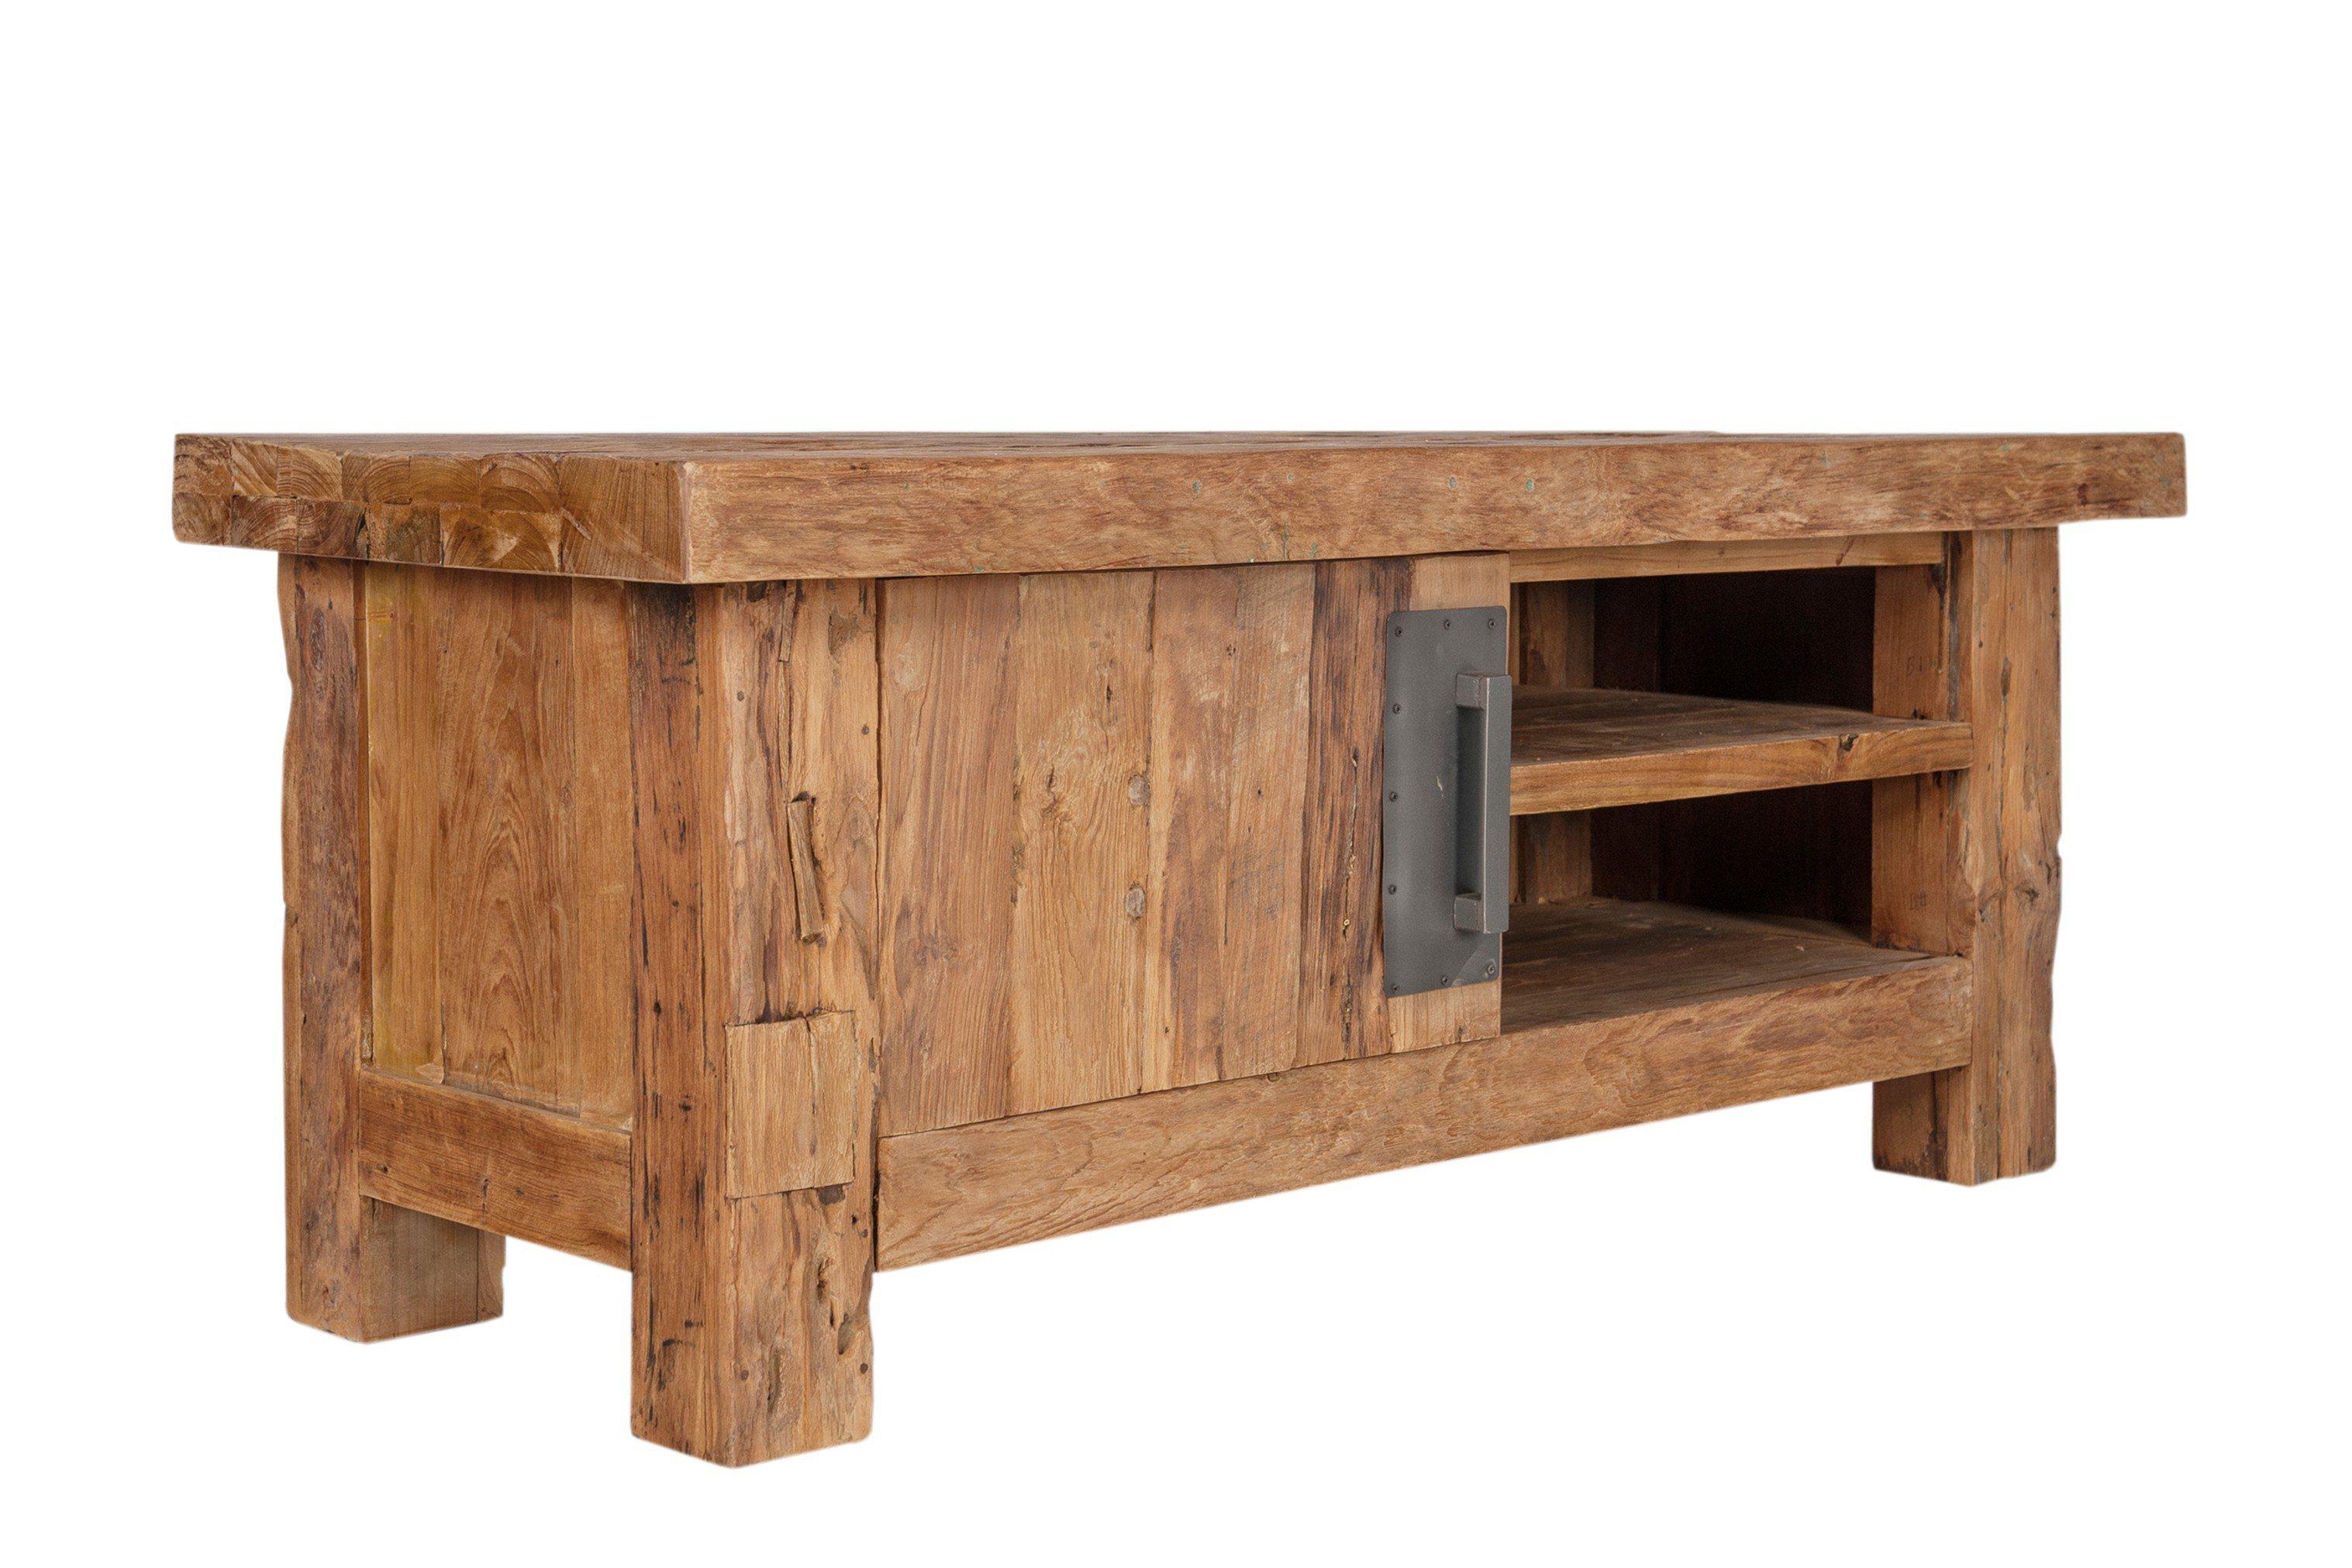 Teakholz möbel wohnzimmer  SIT Möbel Lowboard Coral Teakholz | Möbel Letz - Ihr Online-Shop